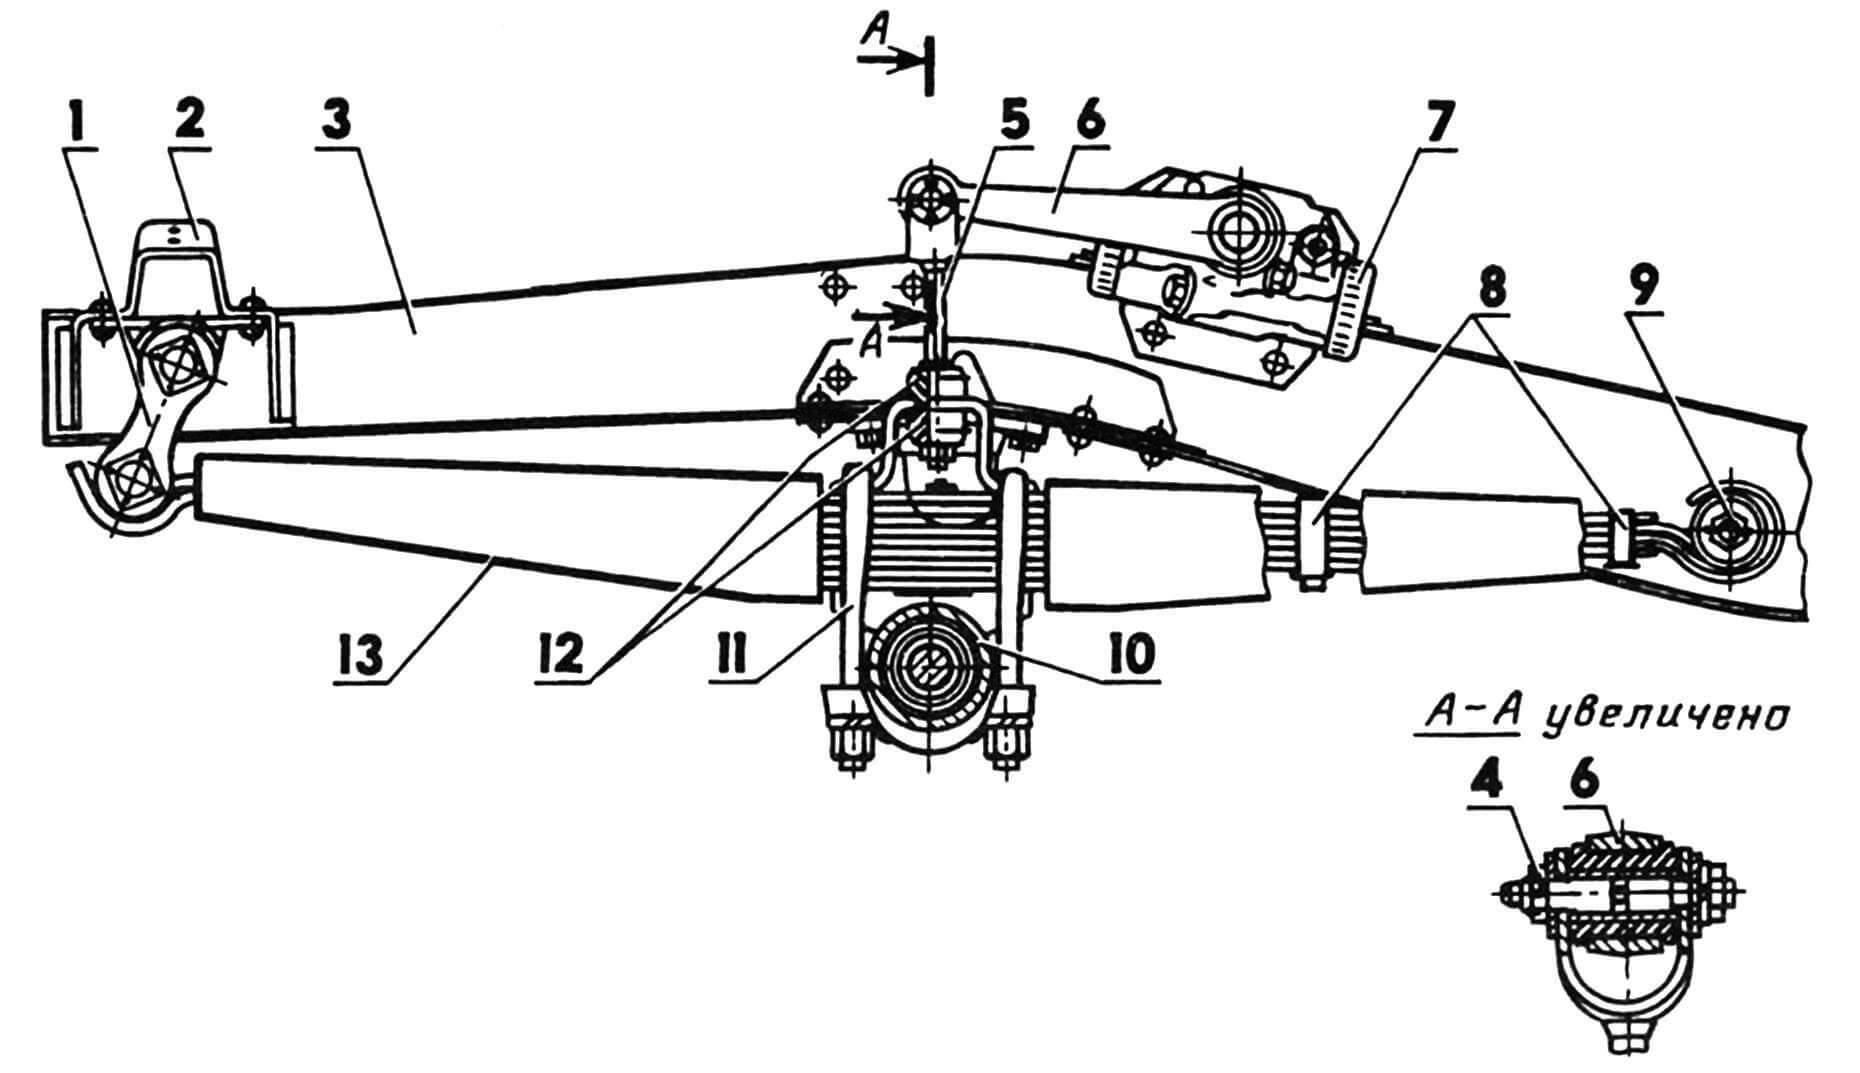 Передняя подвеска: 1 — серьга, 2 — передняя поперечина рамы, 3 — лонжерон рамы, 4 — палец амортизатора, 5 — стойка амортизатора, 6 — рычаг амортизатора, 7 — амортизатор, 8 — хомуты рессоры, 9 — палец рессоры, 10 — кожух полуоси, 11 — стремя, 12 — резиновые подушки, 13 — чехол рессоры.